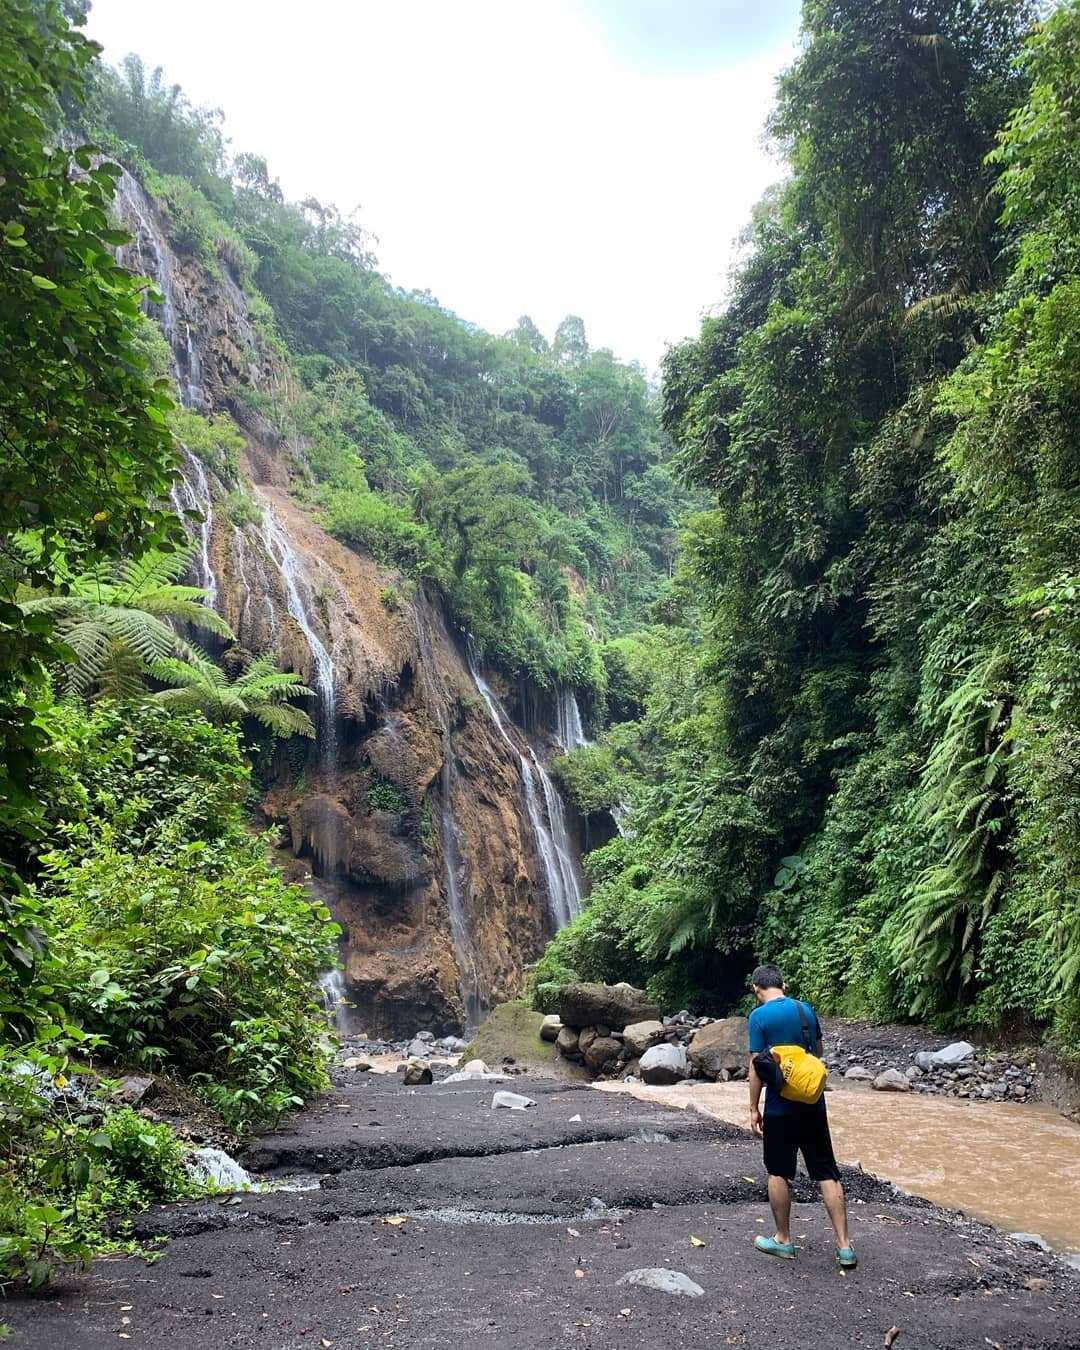 Berjalan Menuju Air Terjun Tumpak Sewu, Image From @mr_noinong